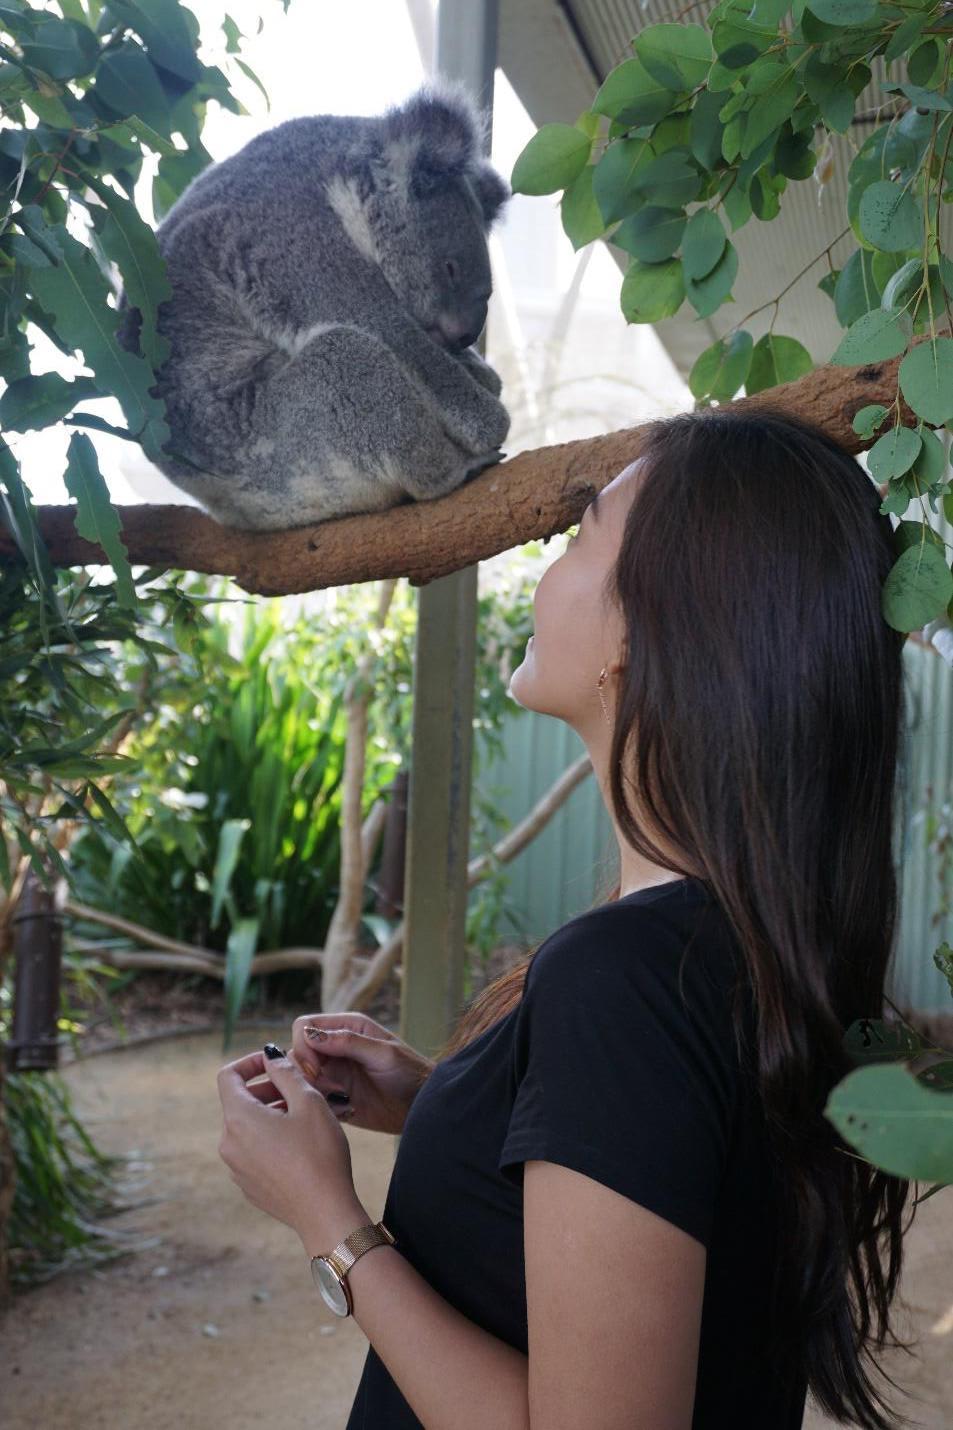 Julia-and-Koala